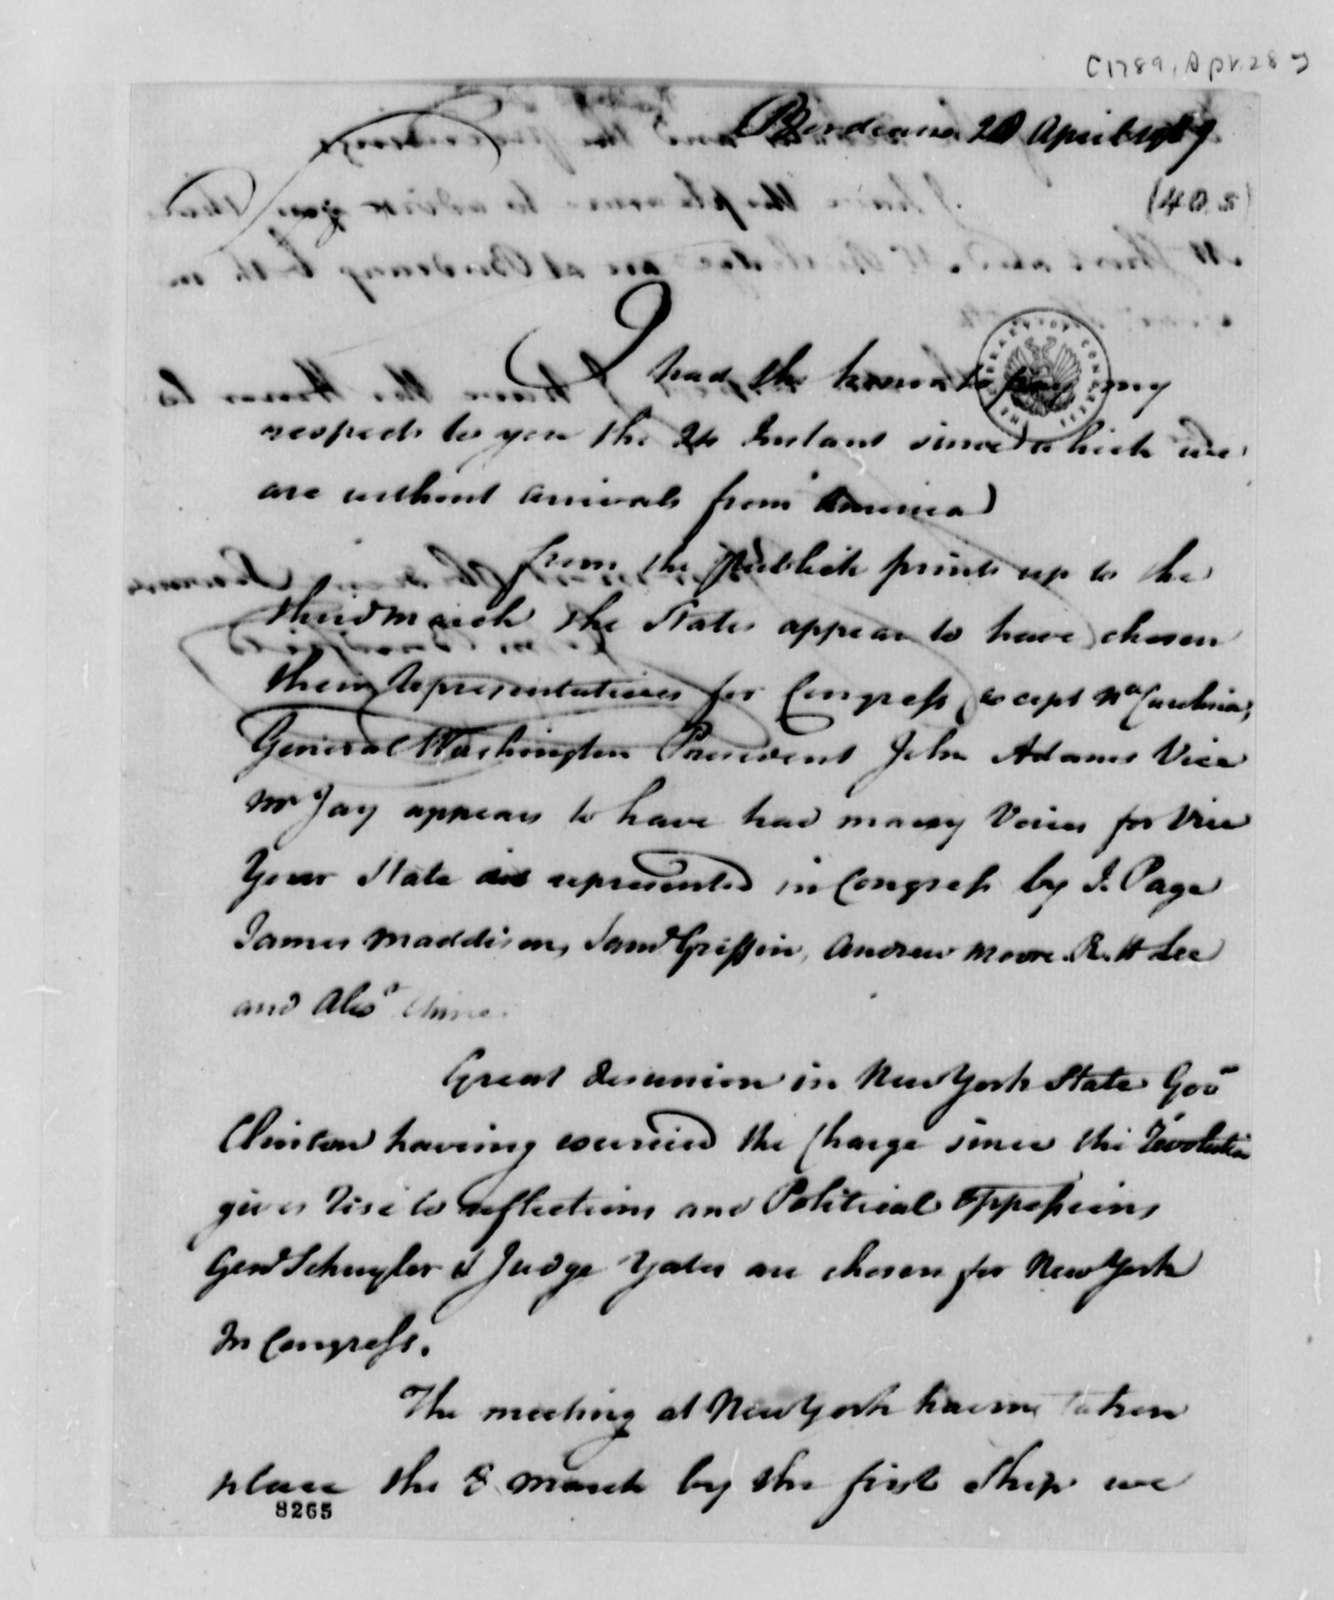 John Bondfield to Thomas Jefferson, April 28, 1789